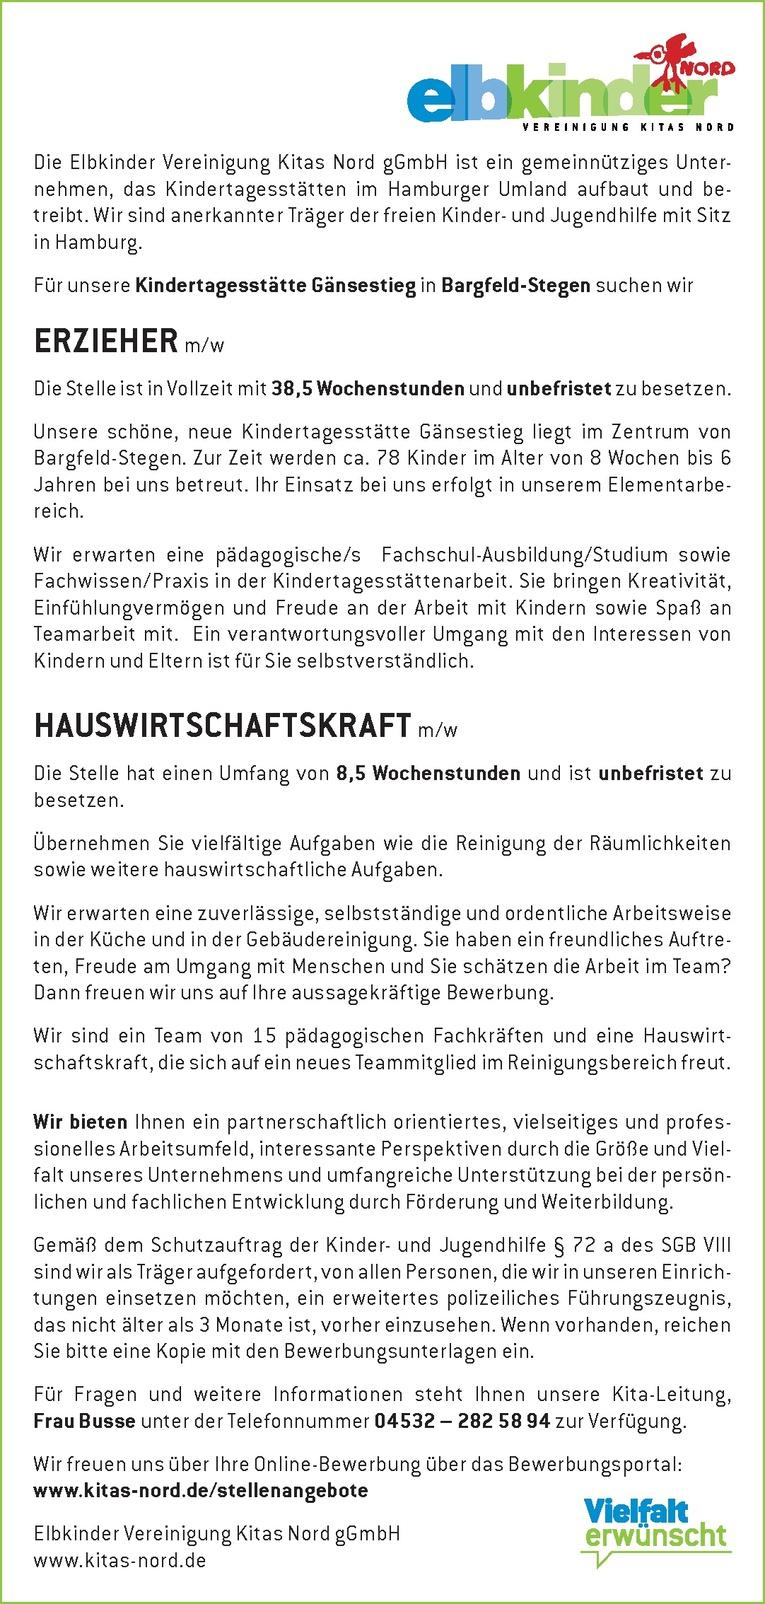 HAUSWIRTSCHAFTSKRAFT m/w